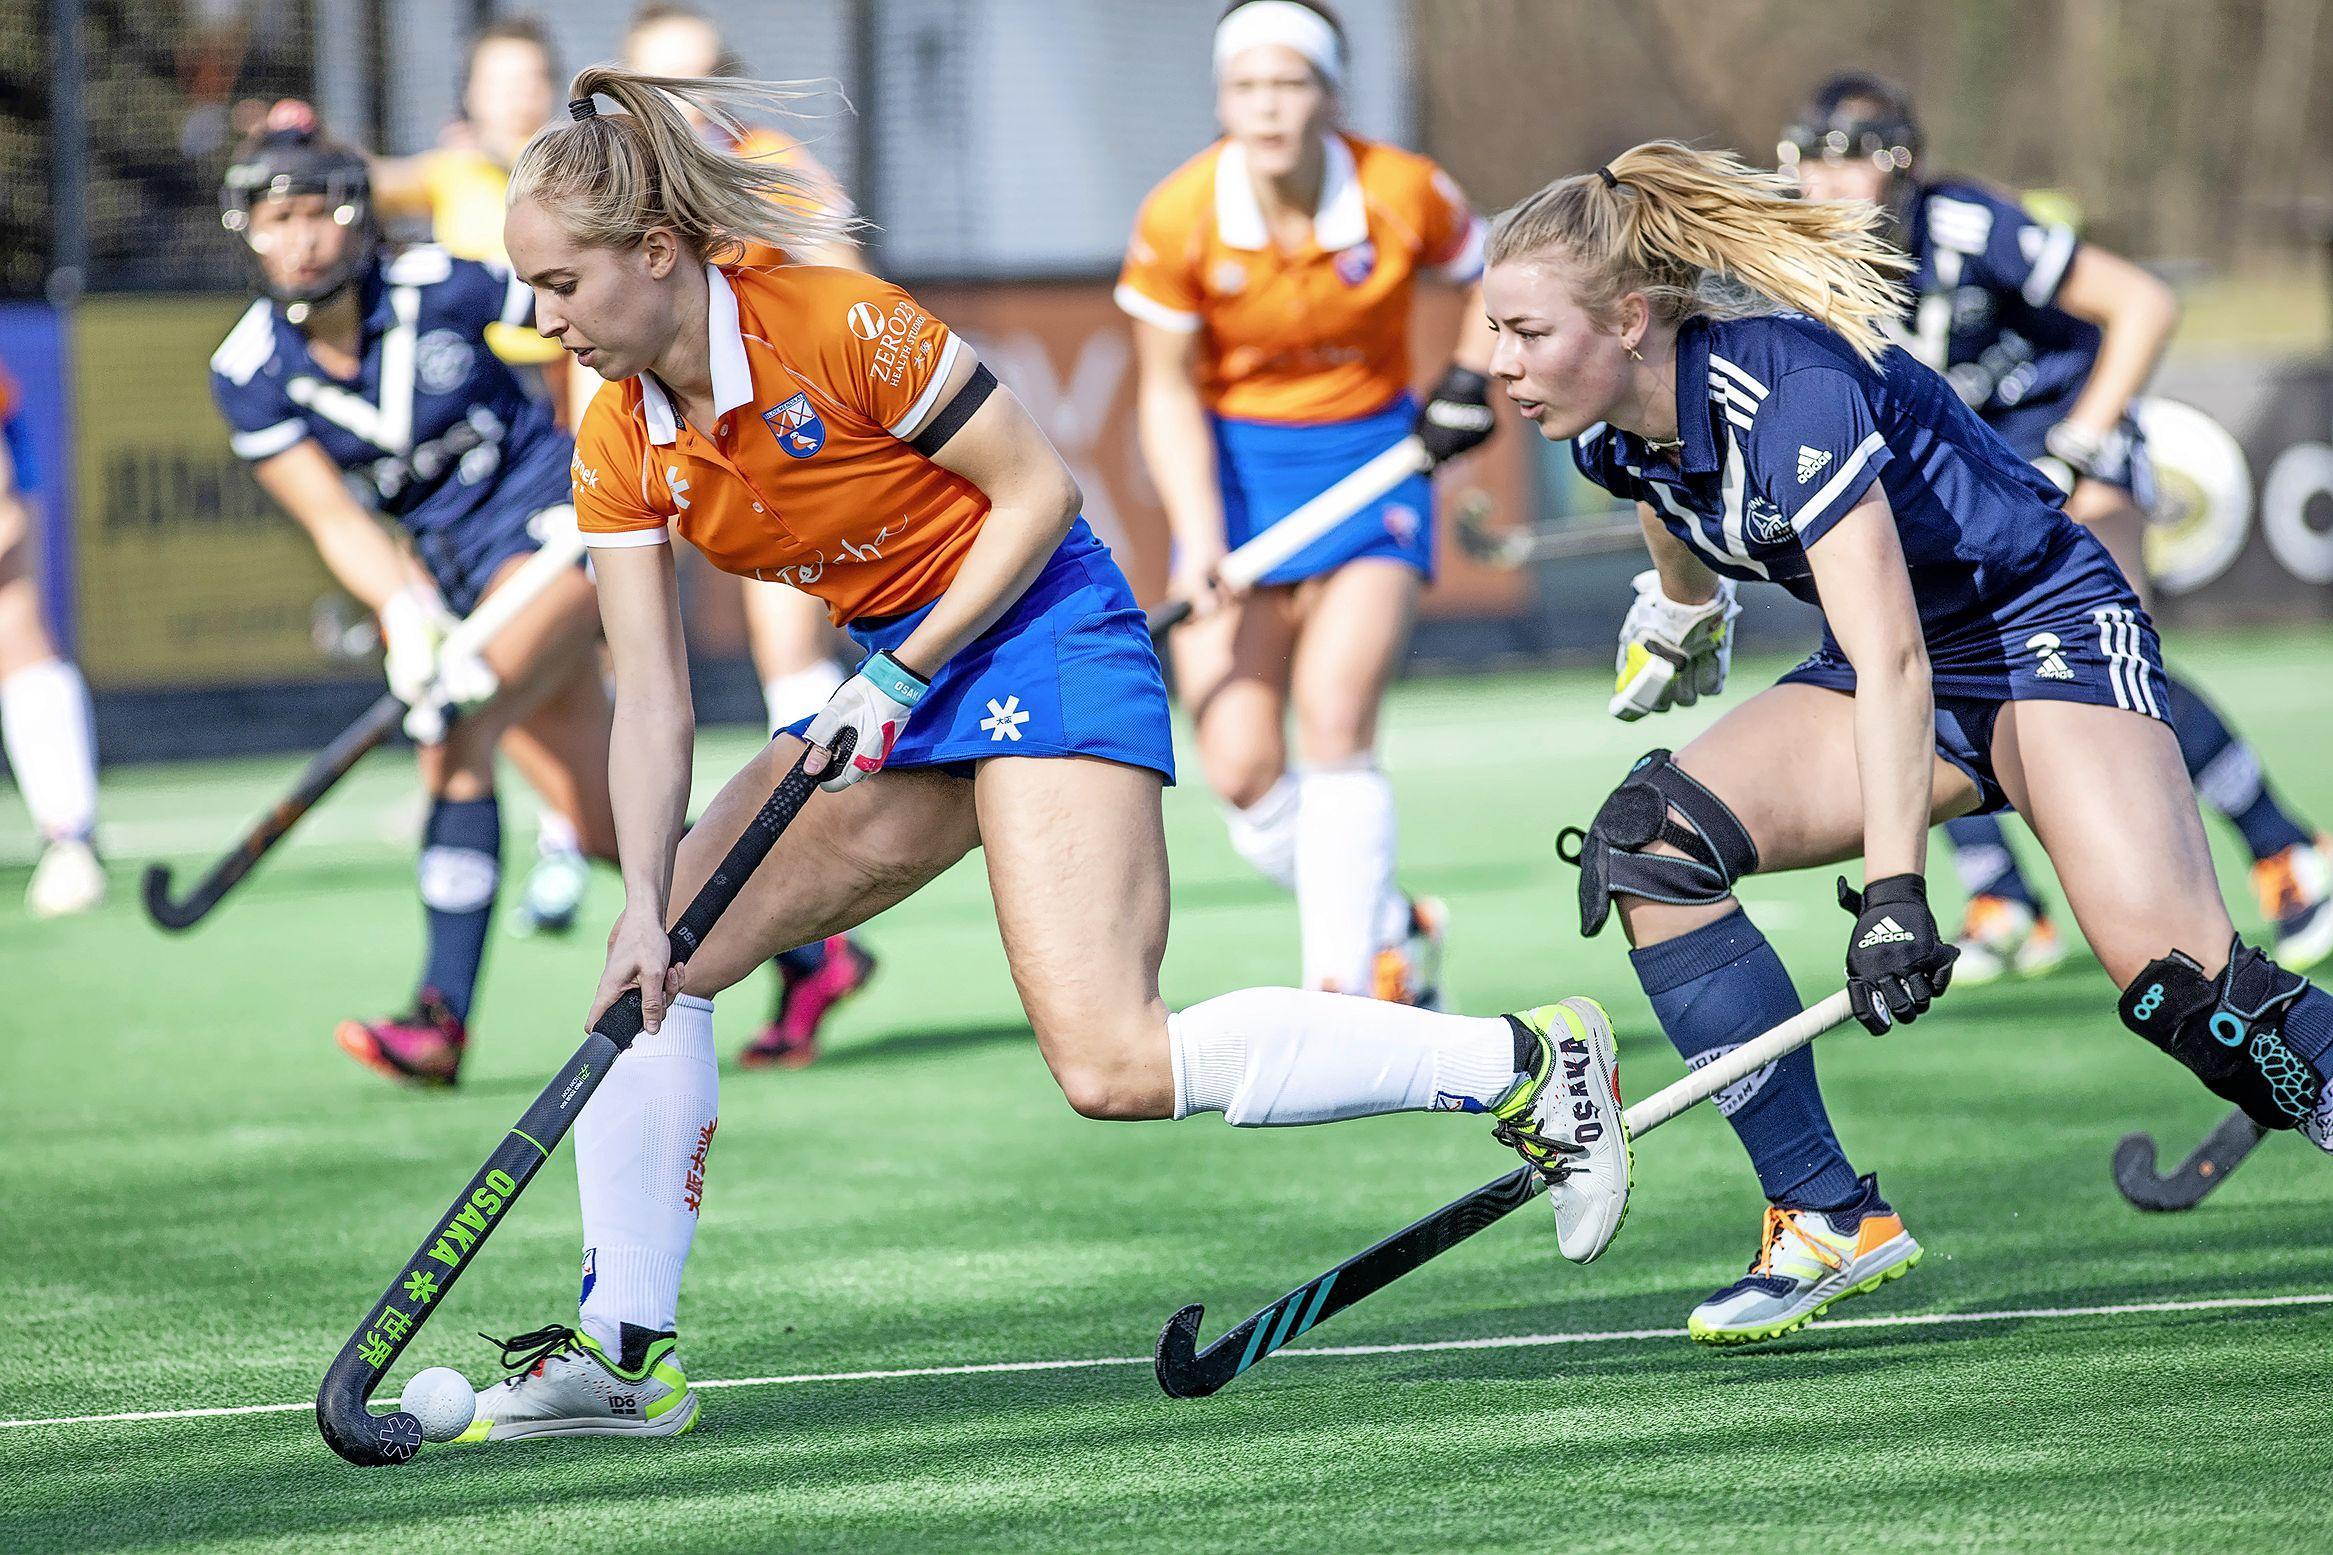 'In het vierde kwart raakten we volledig in de stress', de hockeysters van Bloemendaal spelen met 1-1 gelijk tegen Pinoké